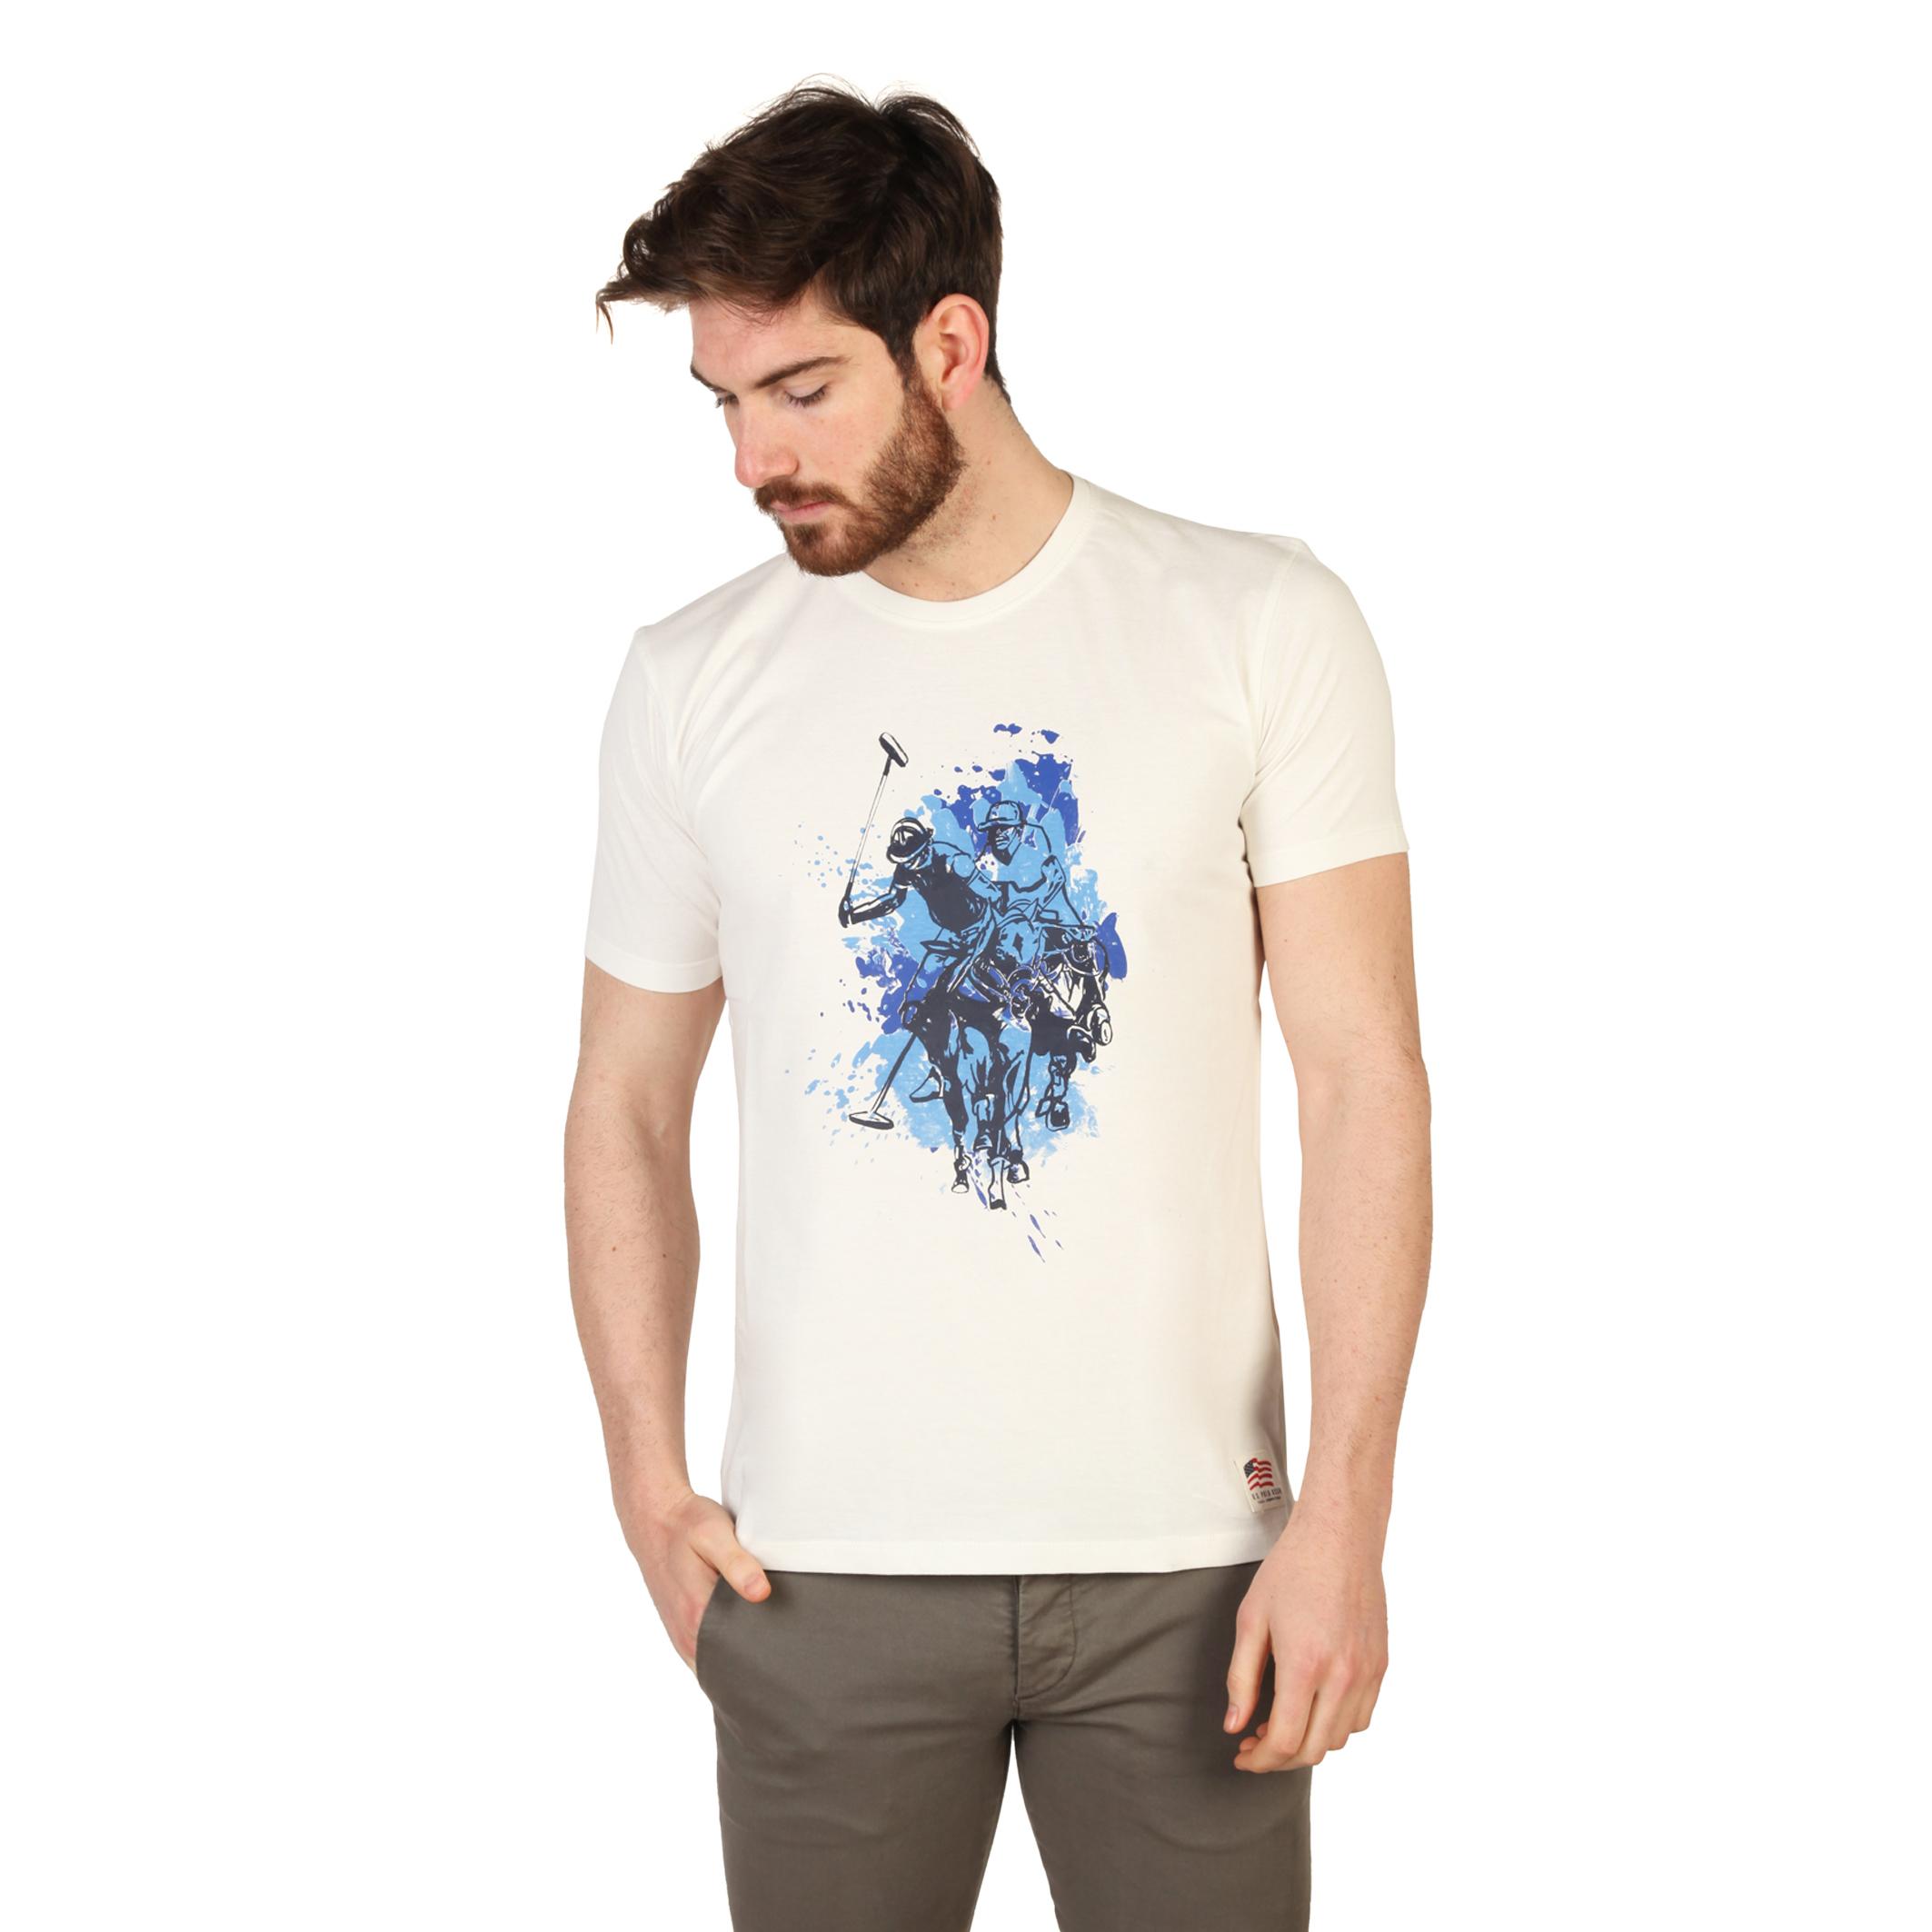 Tee-shirts  U.S. Polo 43693_49351 white